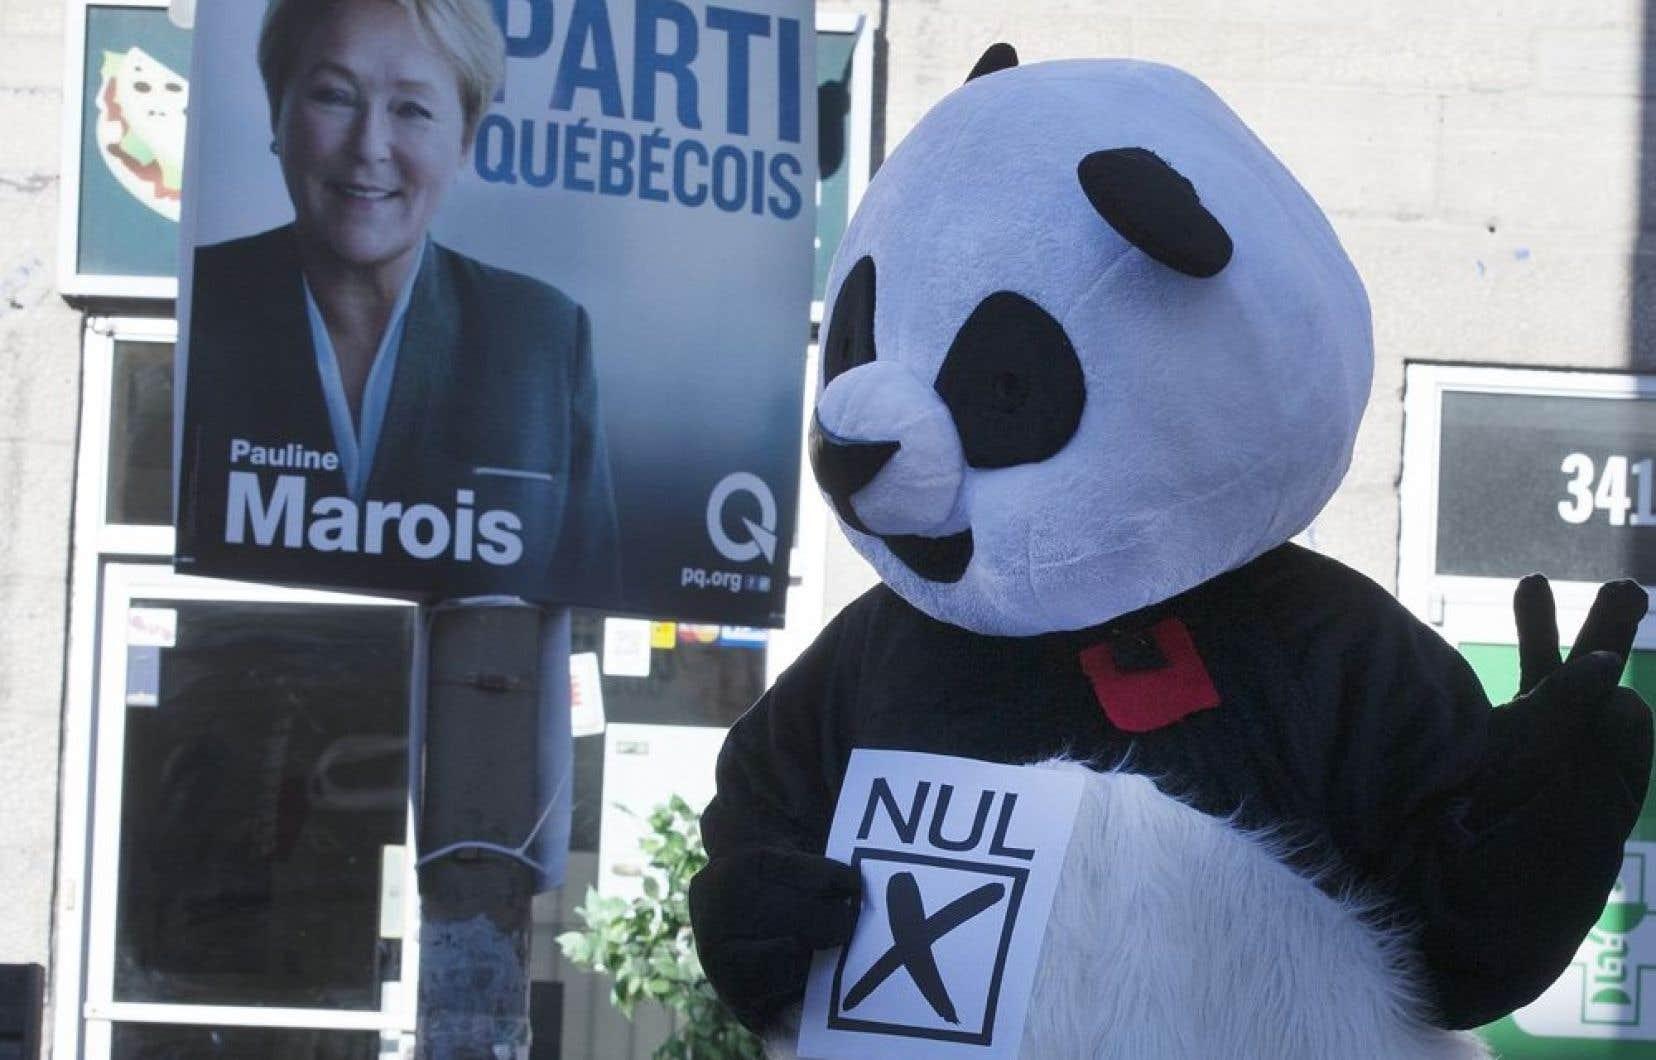 Avec 41 candidats enregistrés auprès du Directeur général des élections en date de dimanche, plus du tiers des circonscriptions québécoises auront leur candidat « nul » le 7 avril, se félicite le fondateur du parti, « l'anti-chef » Renaud Blais.